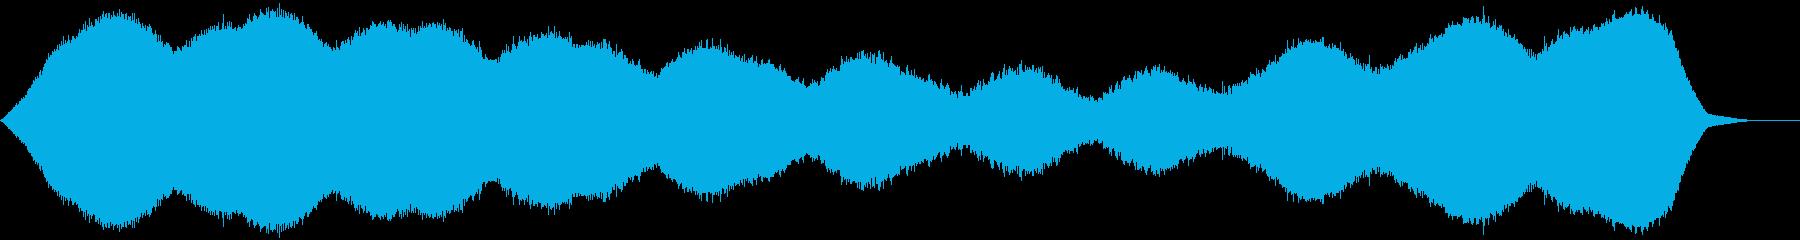 【アンビエント】ドローン_16 実験音の再生済みの波形